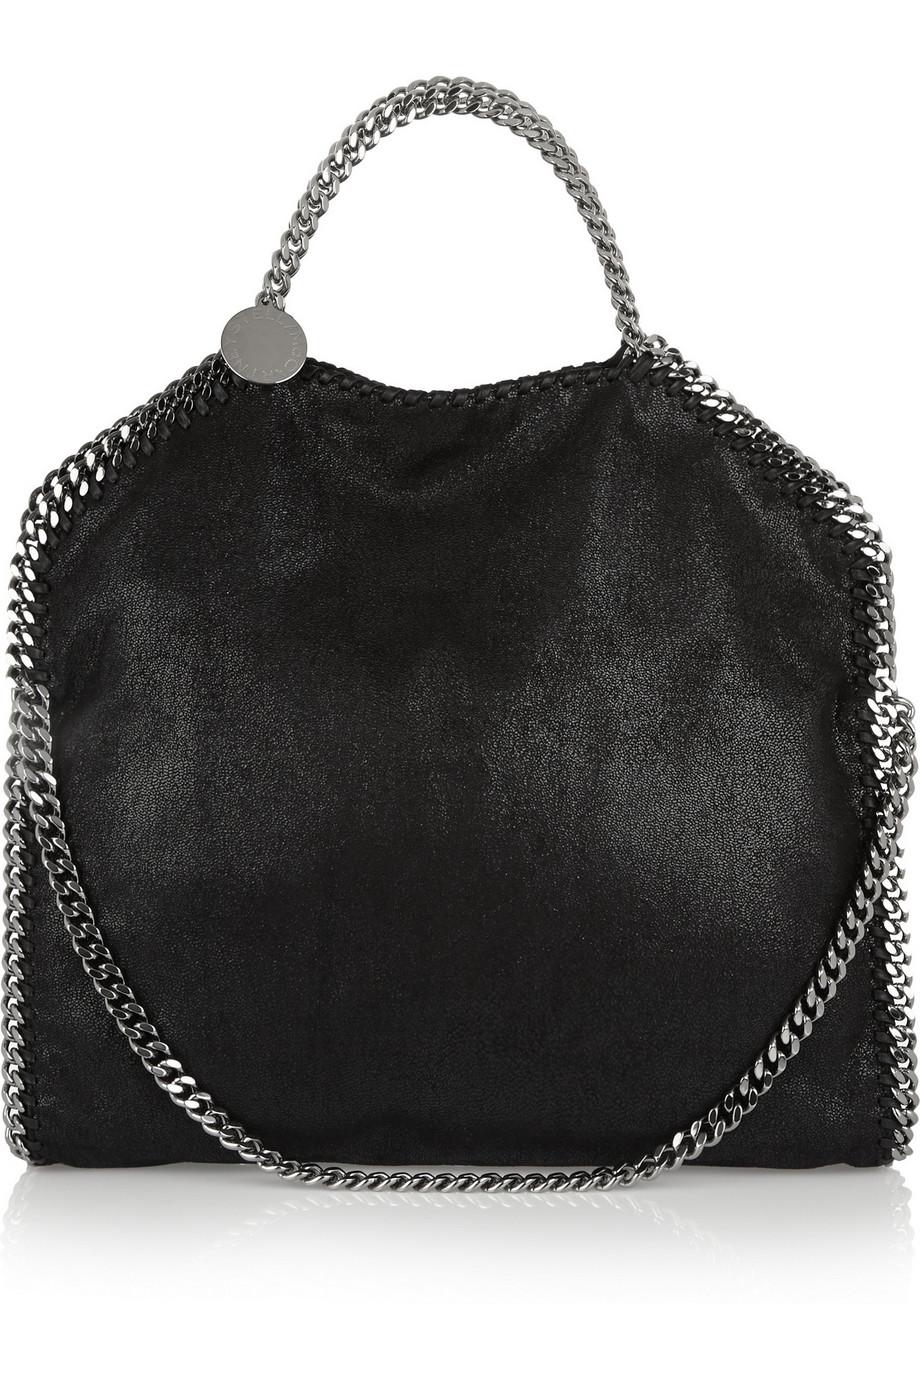 Stella Mccartney The Falabella Faux Brushed Leather Shoulder Bag 15